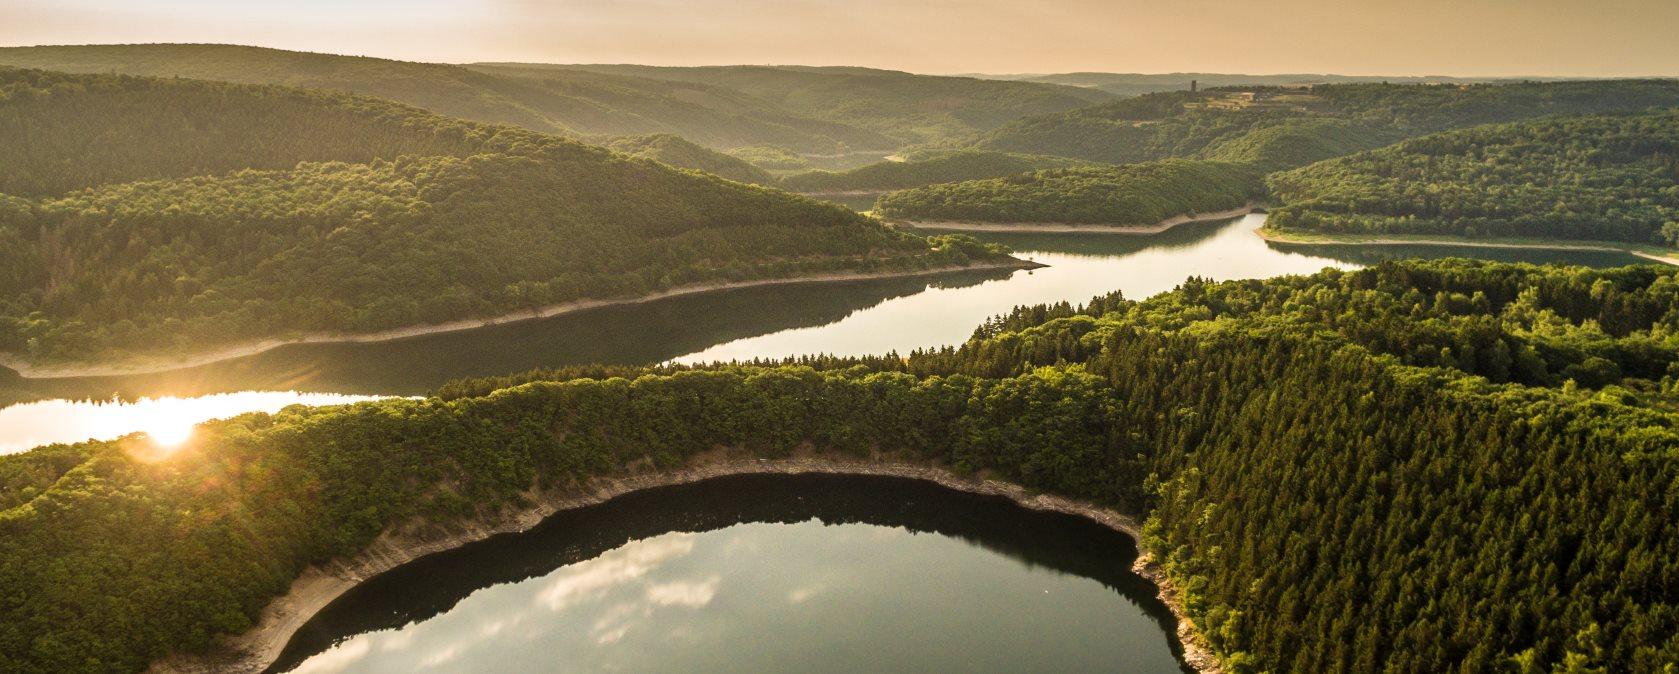 Nationalpark Eifel Karte.Nationalpark Eifel Wald Wasser Wildnis Urlaub Eifel